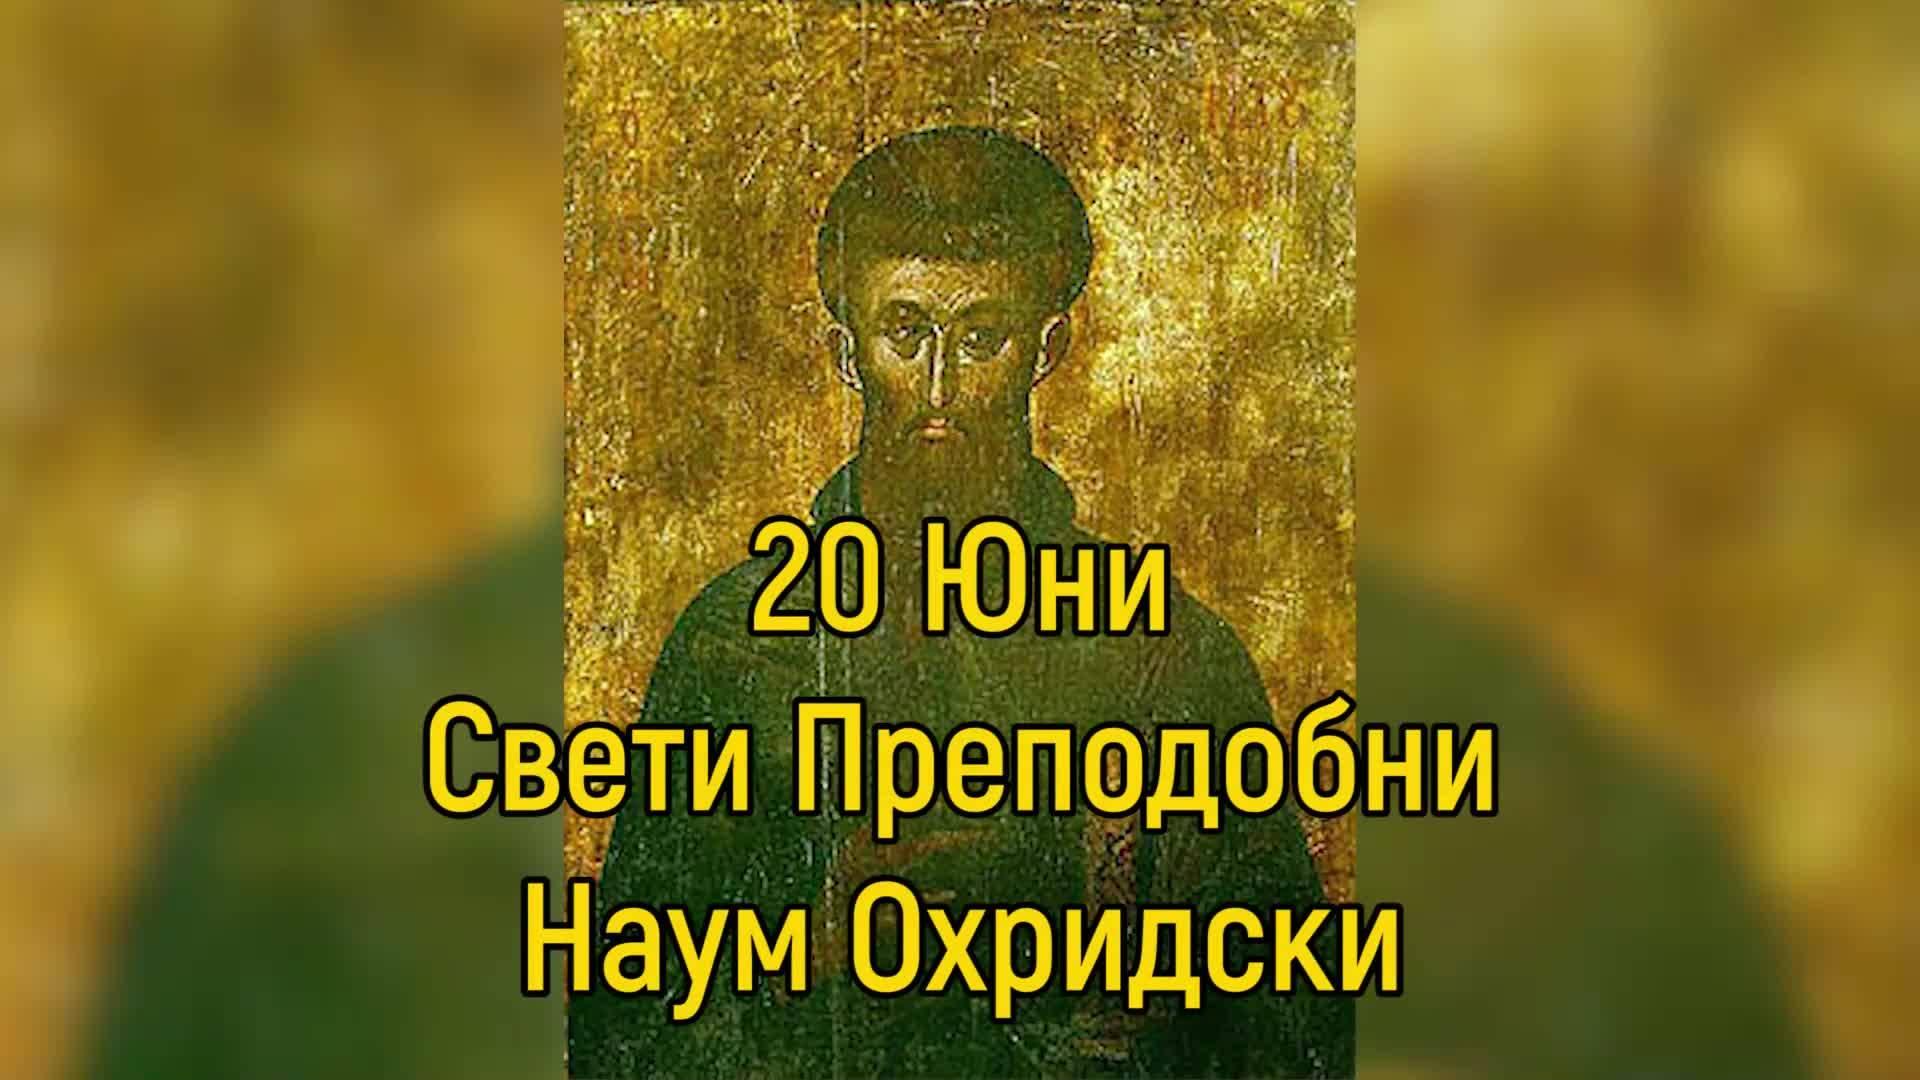 20 Юни - Почитаме Свети Преподобни Наум Охридски